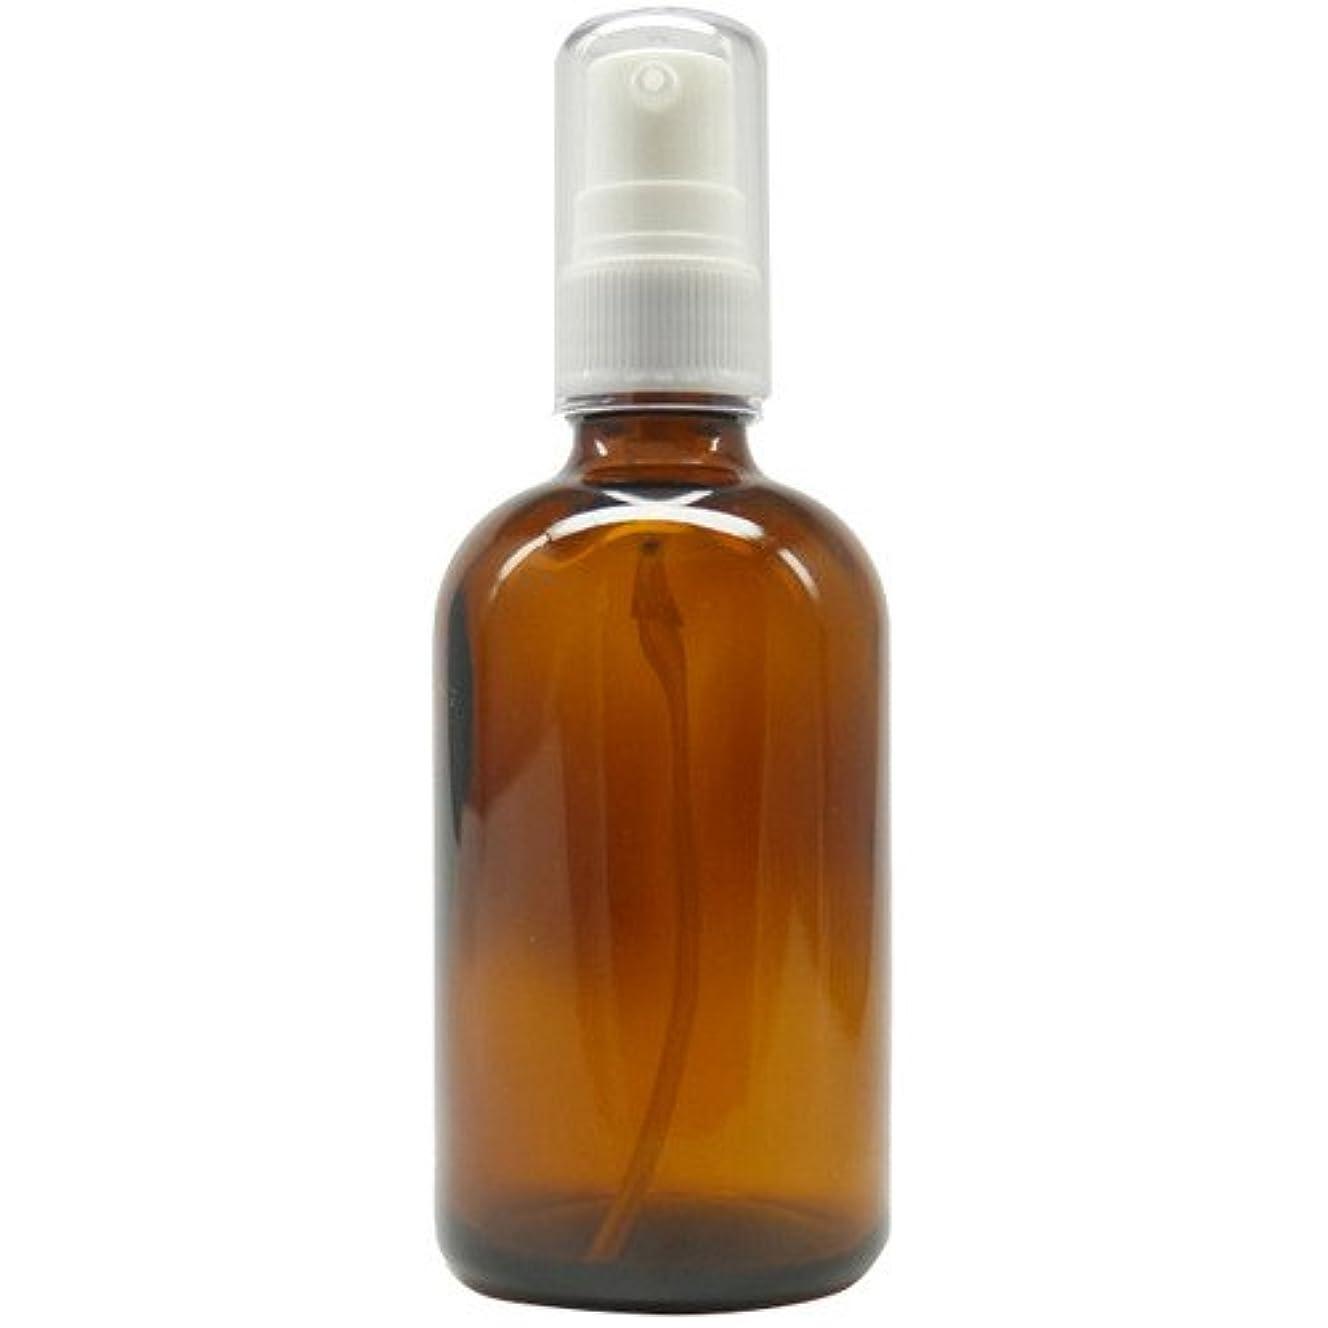 権威腹部十一アロマアンドライフ (D)茶褐色ポンプ瓶100ml 3本セット